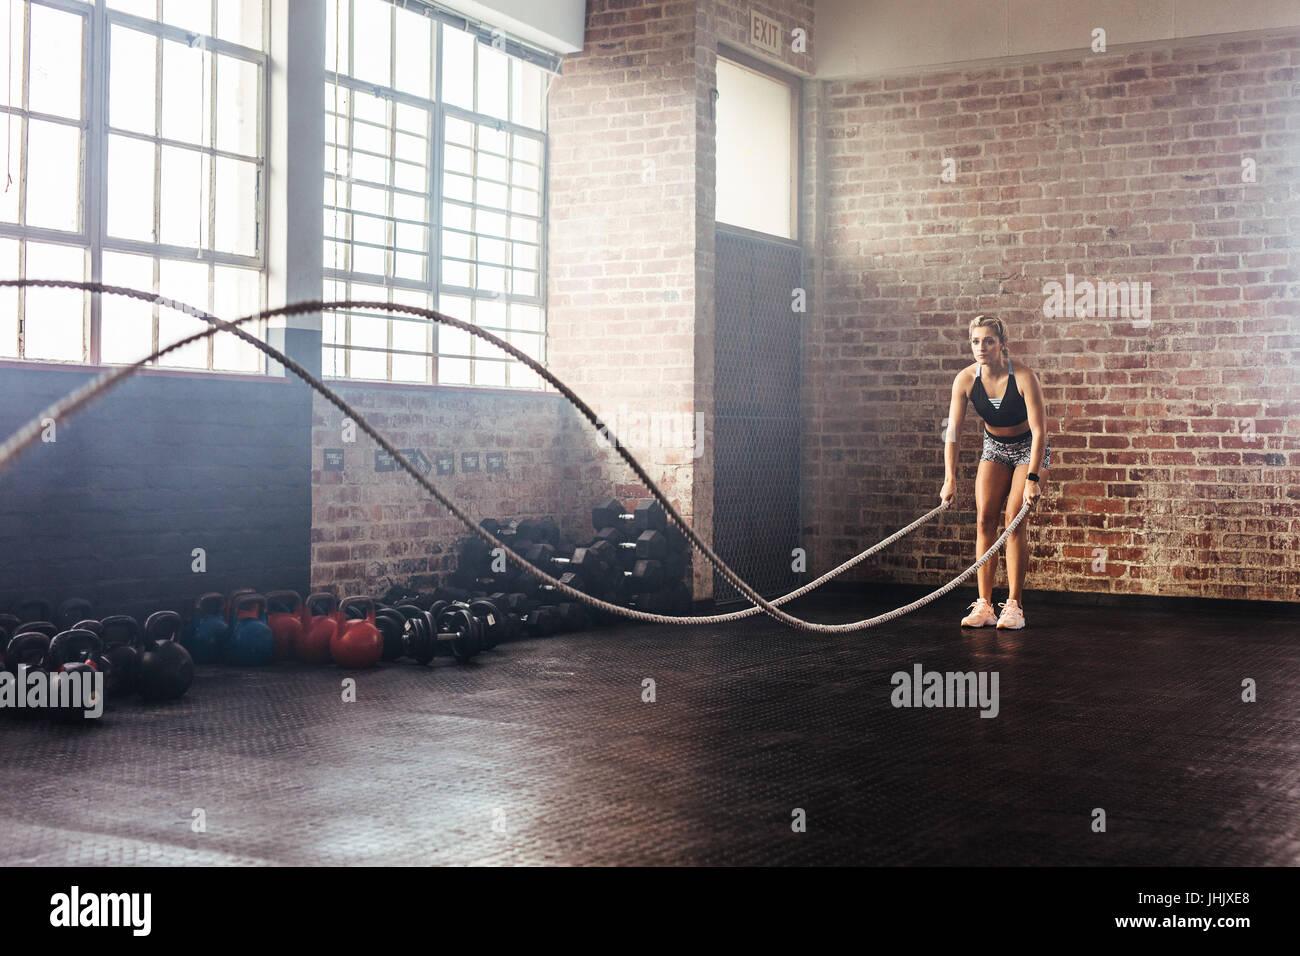 Mujer con cuerdas de capacitación para hacer ejercicio en el gimnasio. Atleta moviendo las cuerdas en el movimiento Imagen De Stock